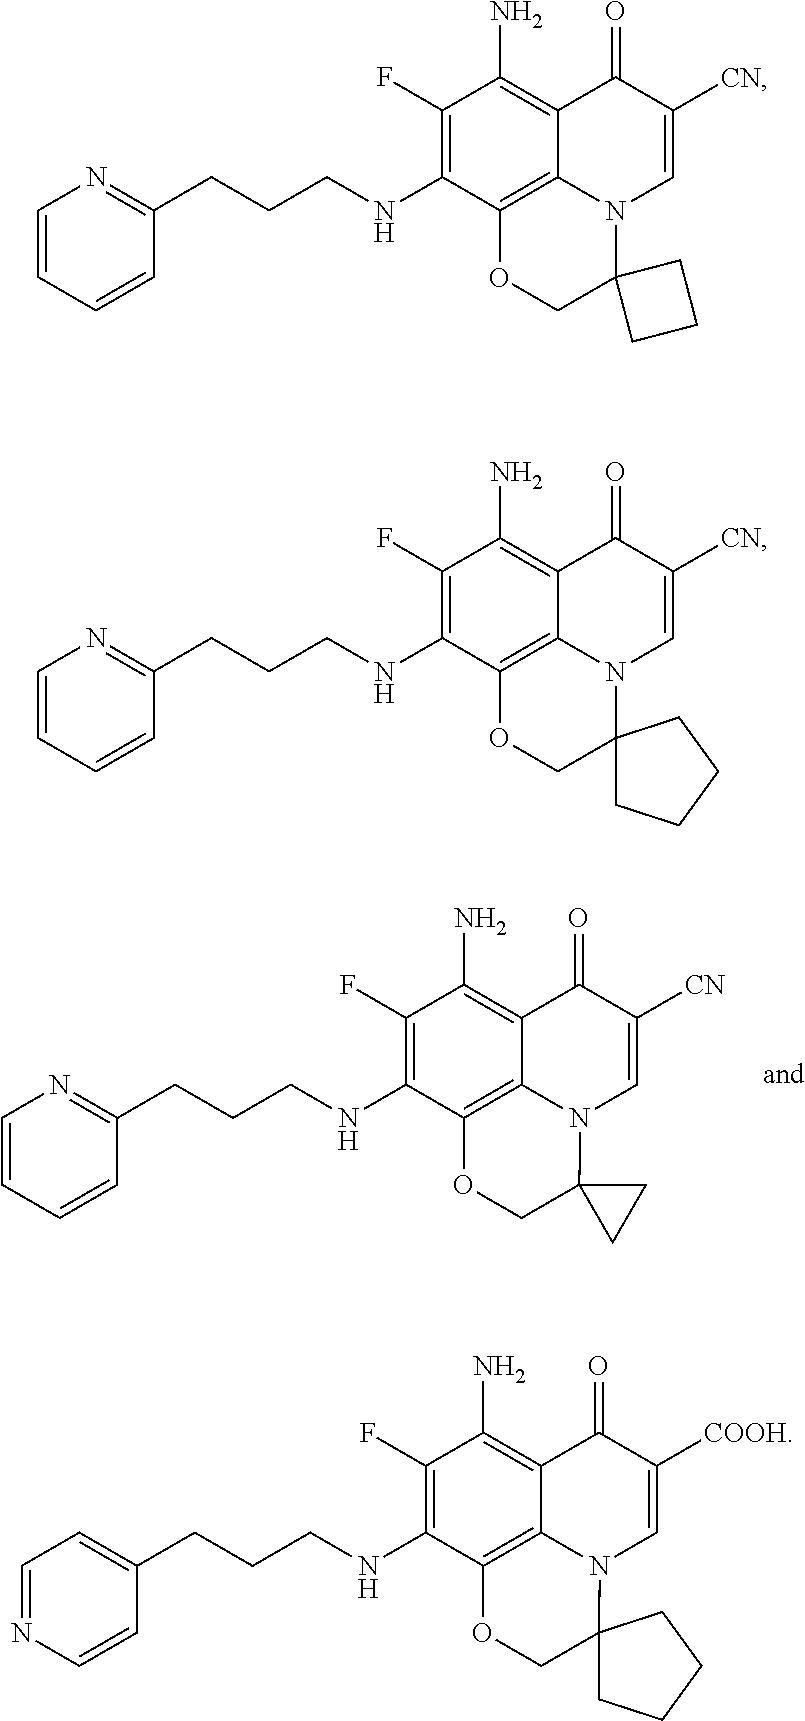 Figure US08901112-20141202-C00344